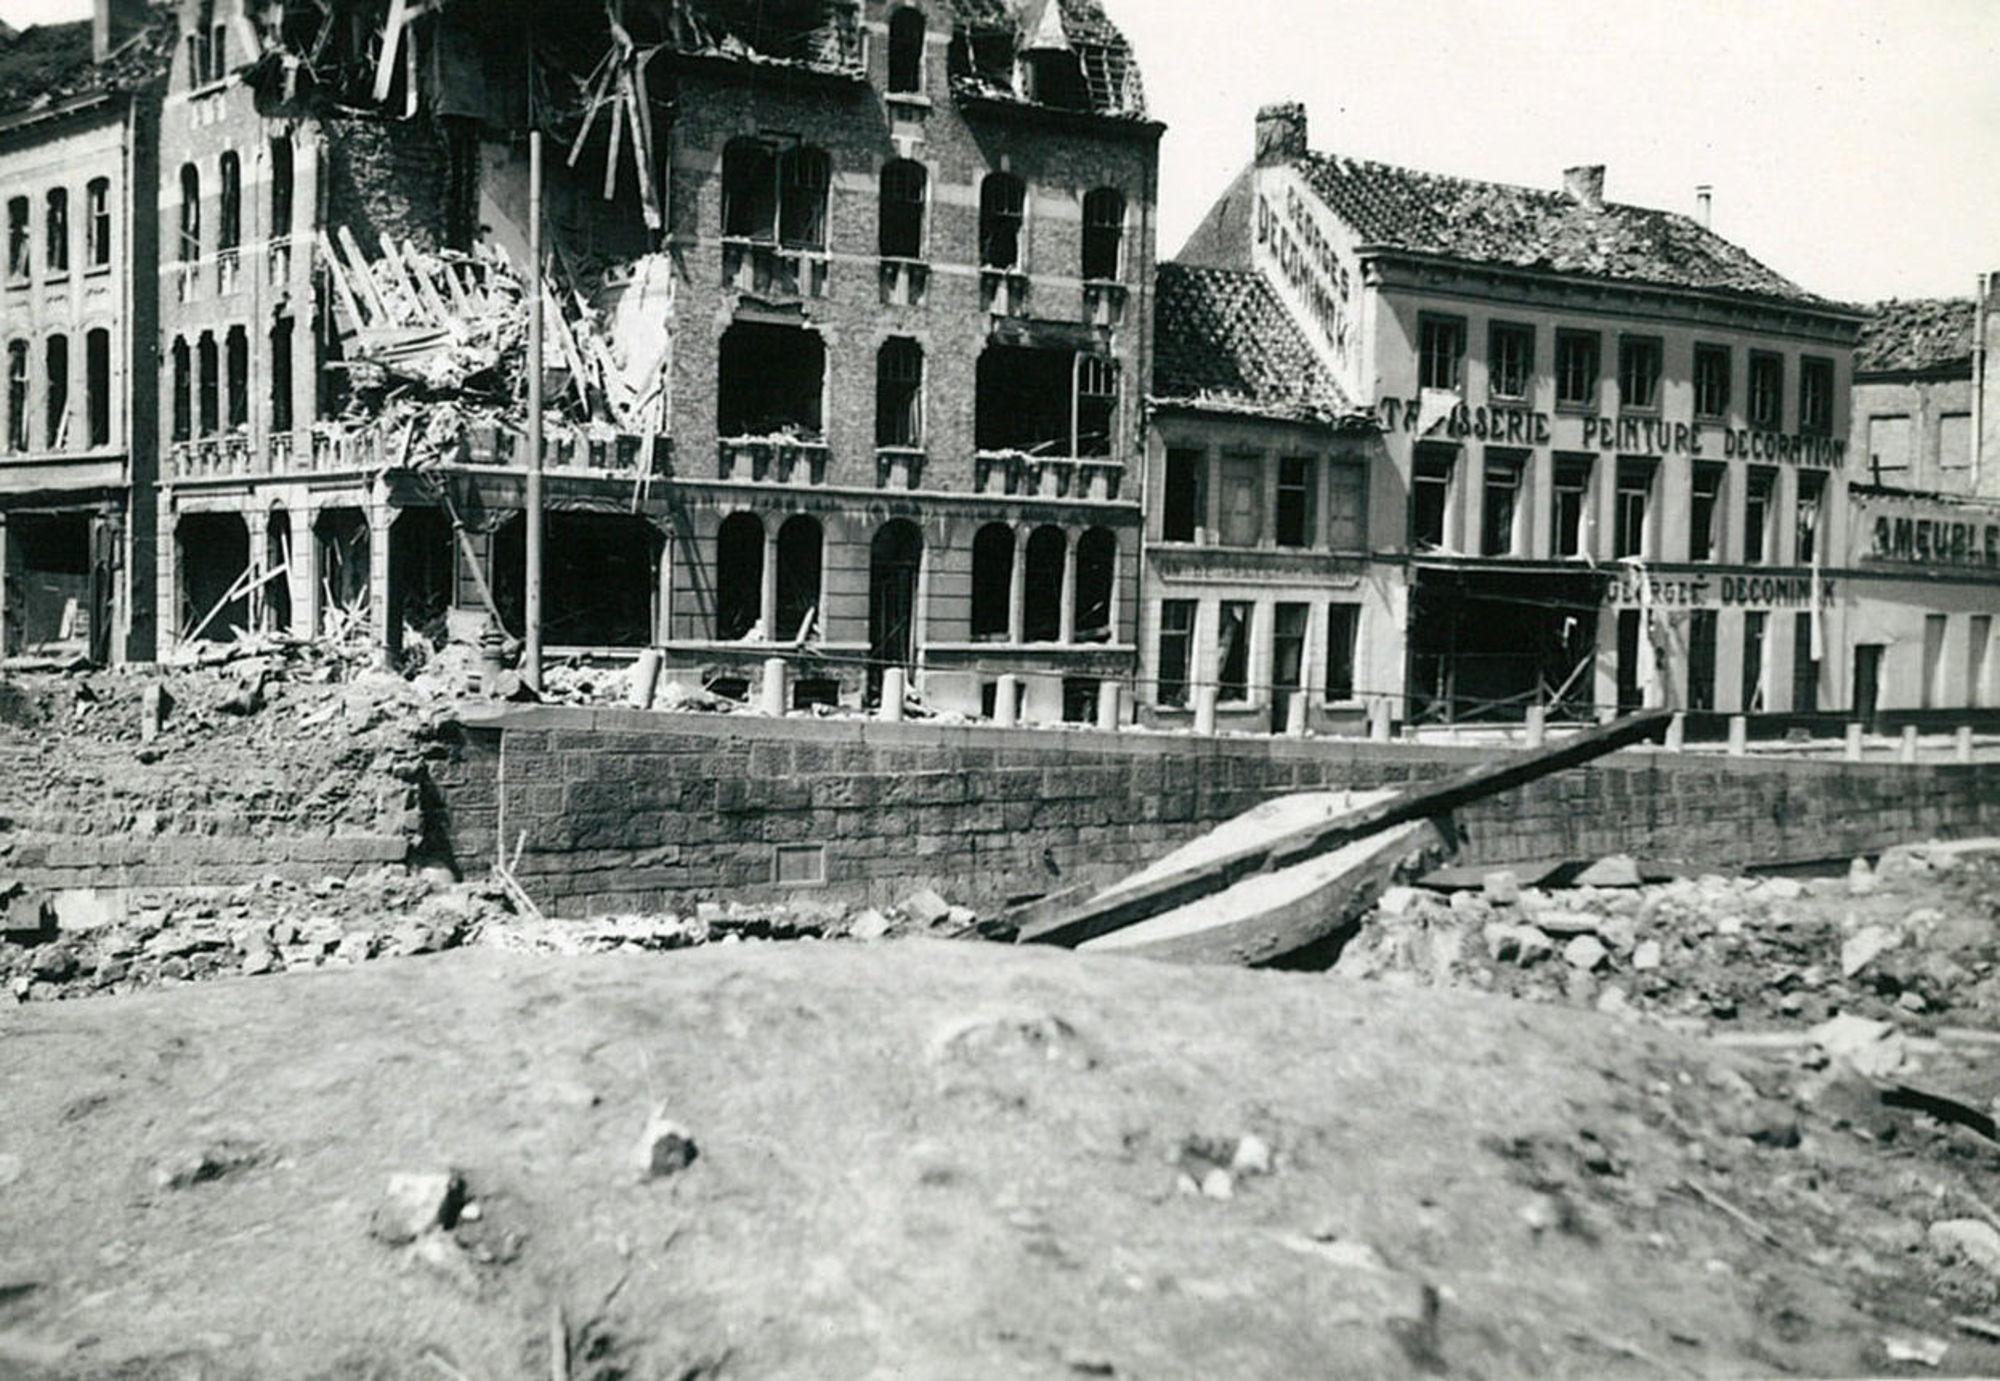 Suikerbakkerij Goemaere in 1940